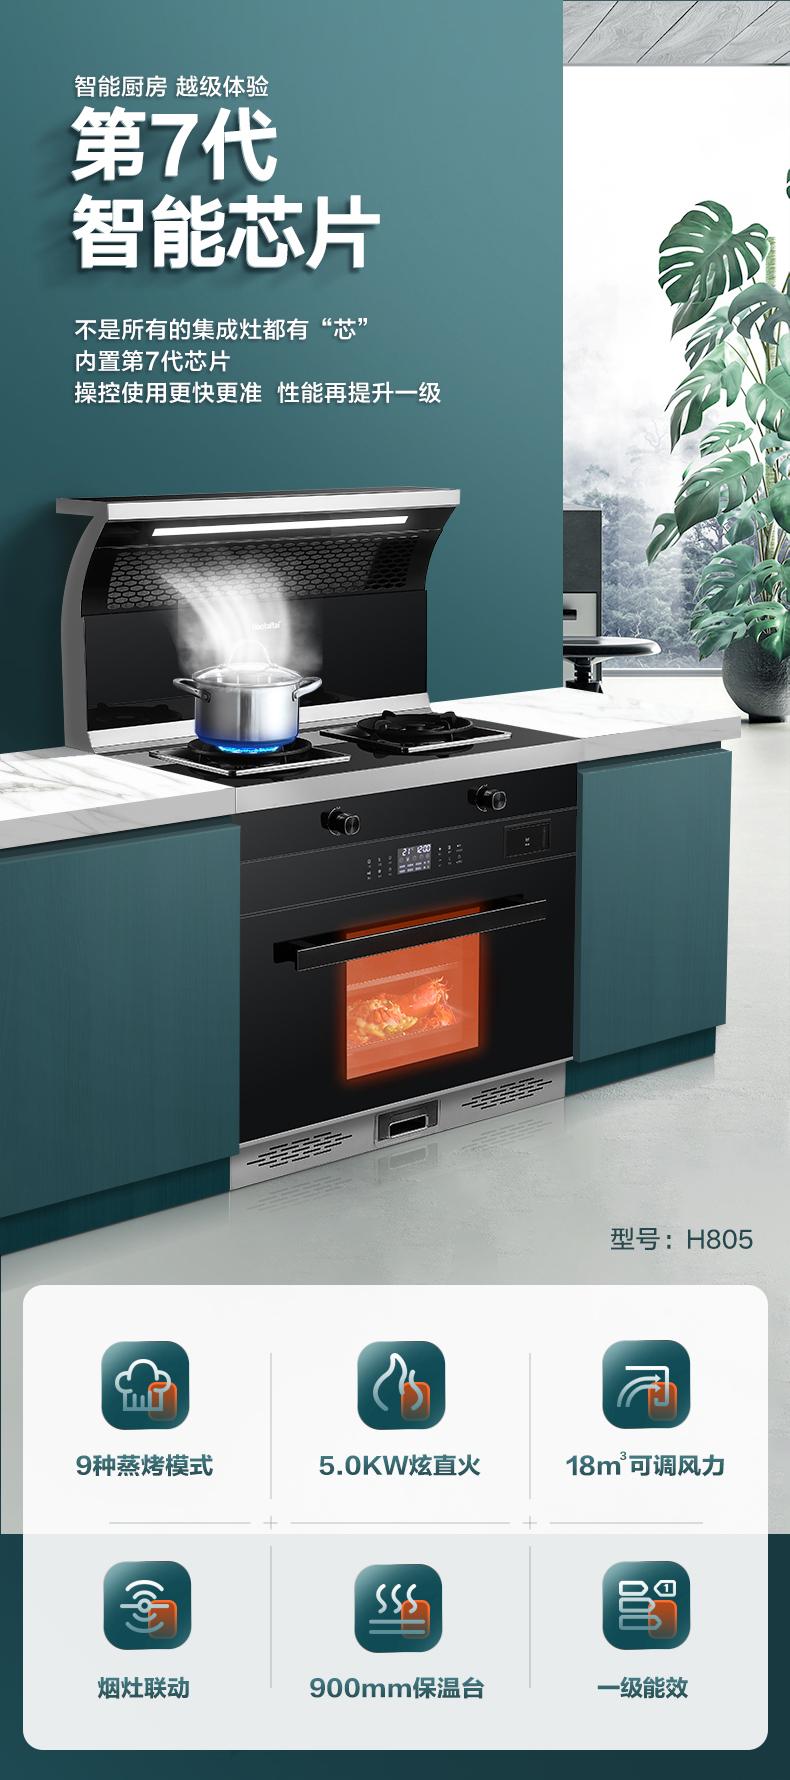 好太太H805蒸烤一体集成灶第七代智能芯片